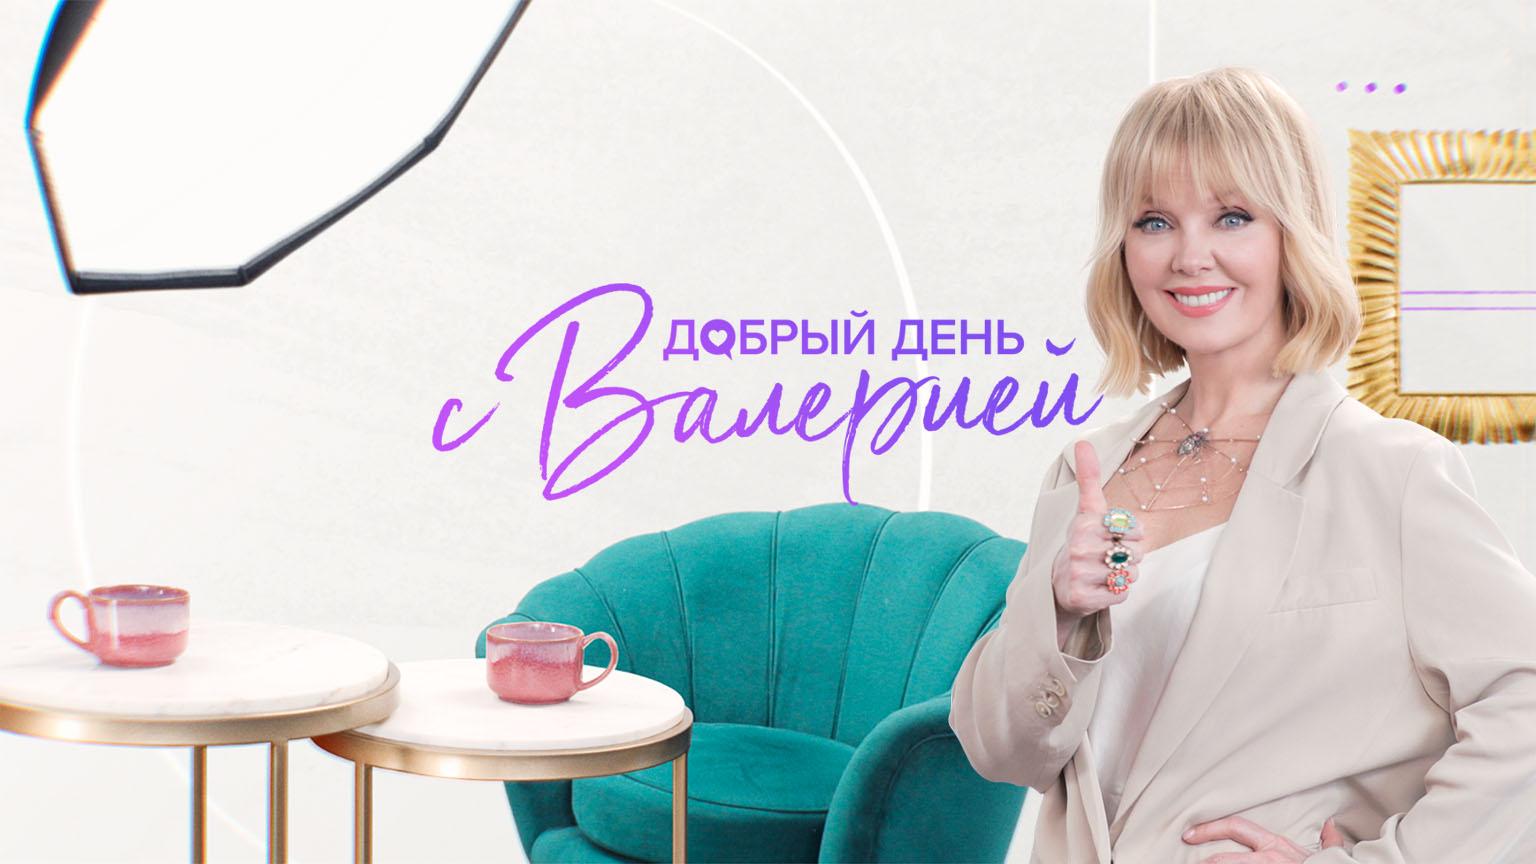 Добрый день с Валерией_промобаннер